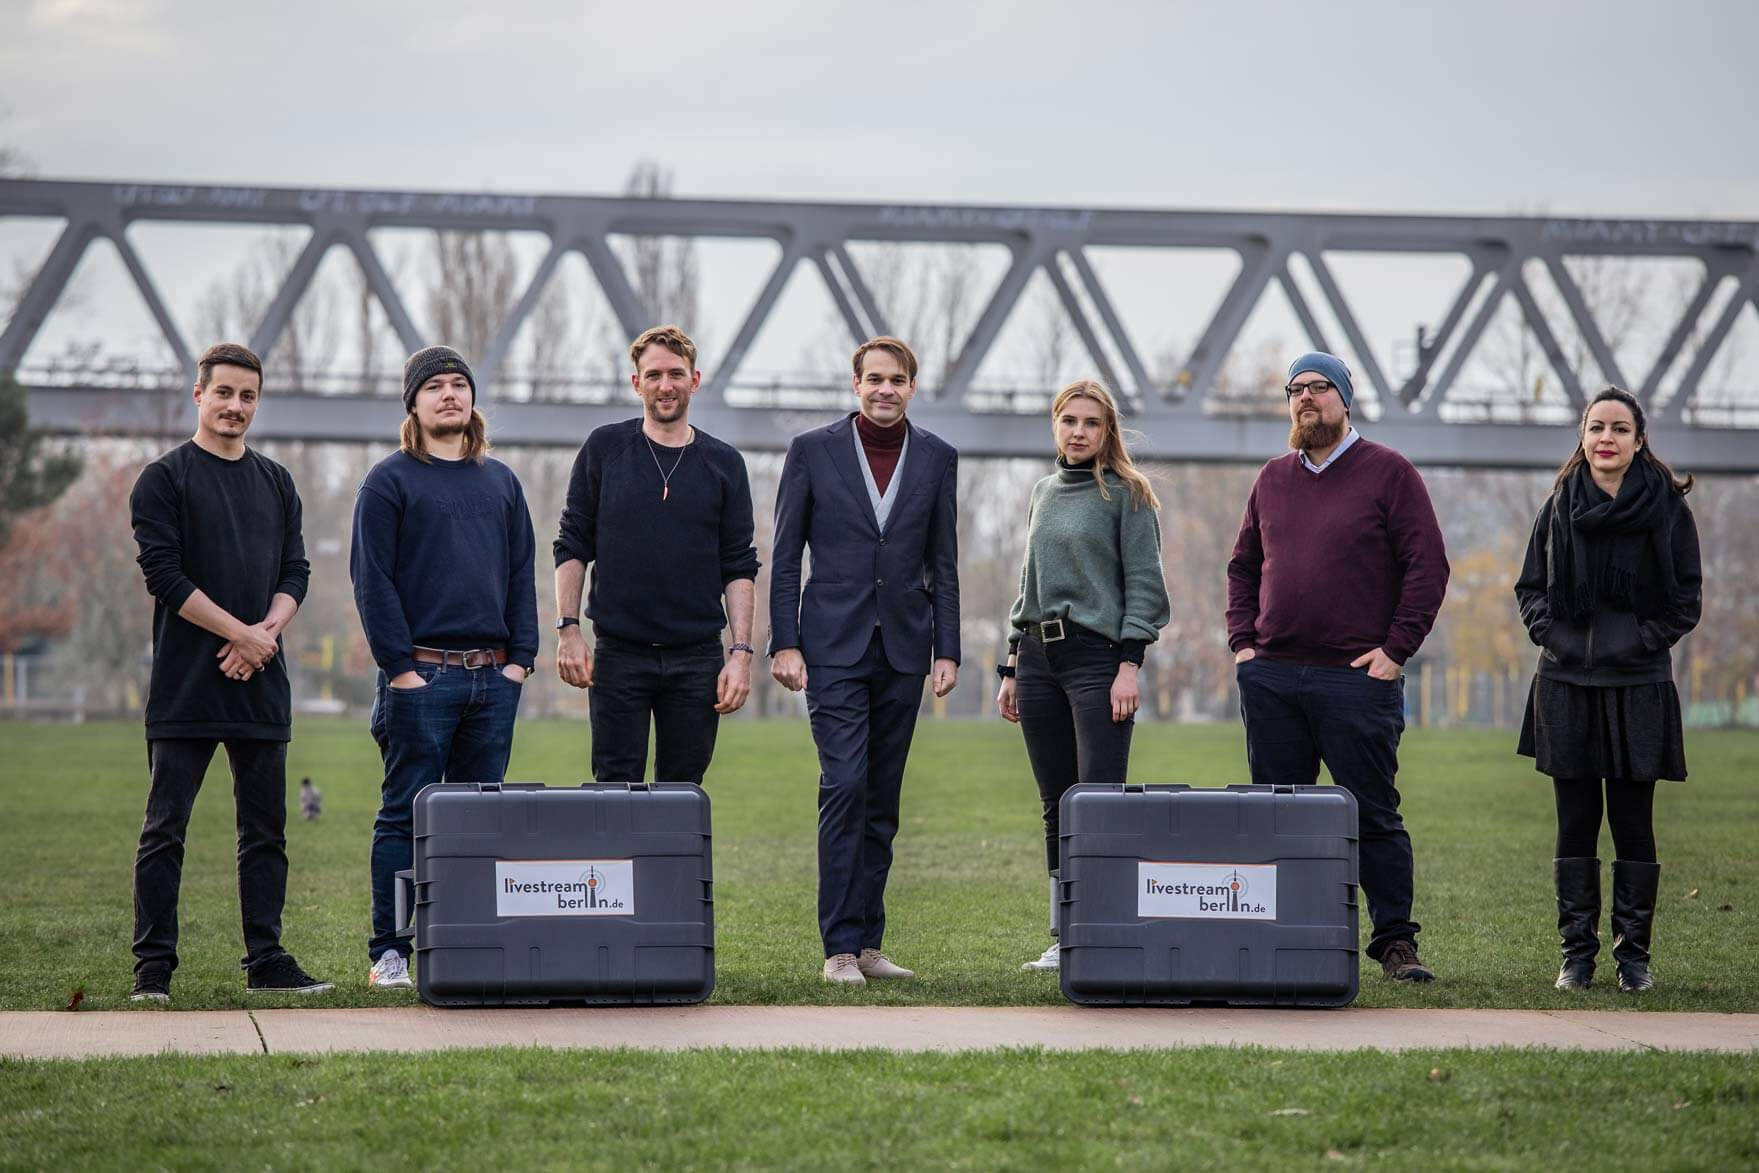 Team-Liverstreamberlin_Gleisdreieck-Park-Berlin